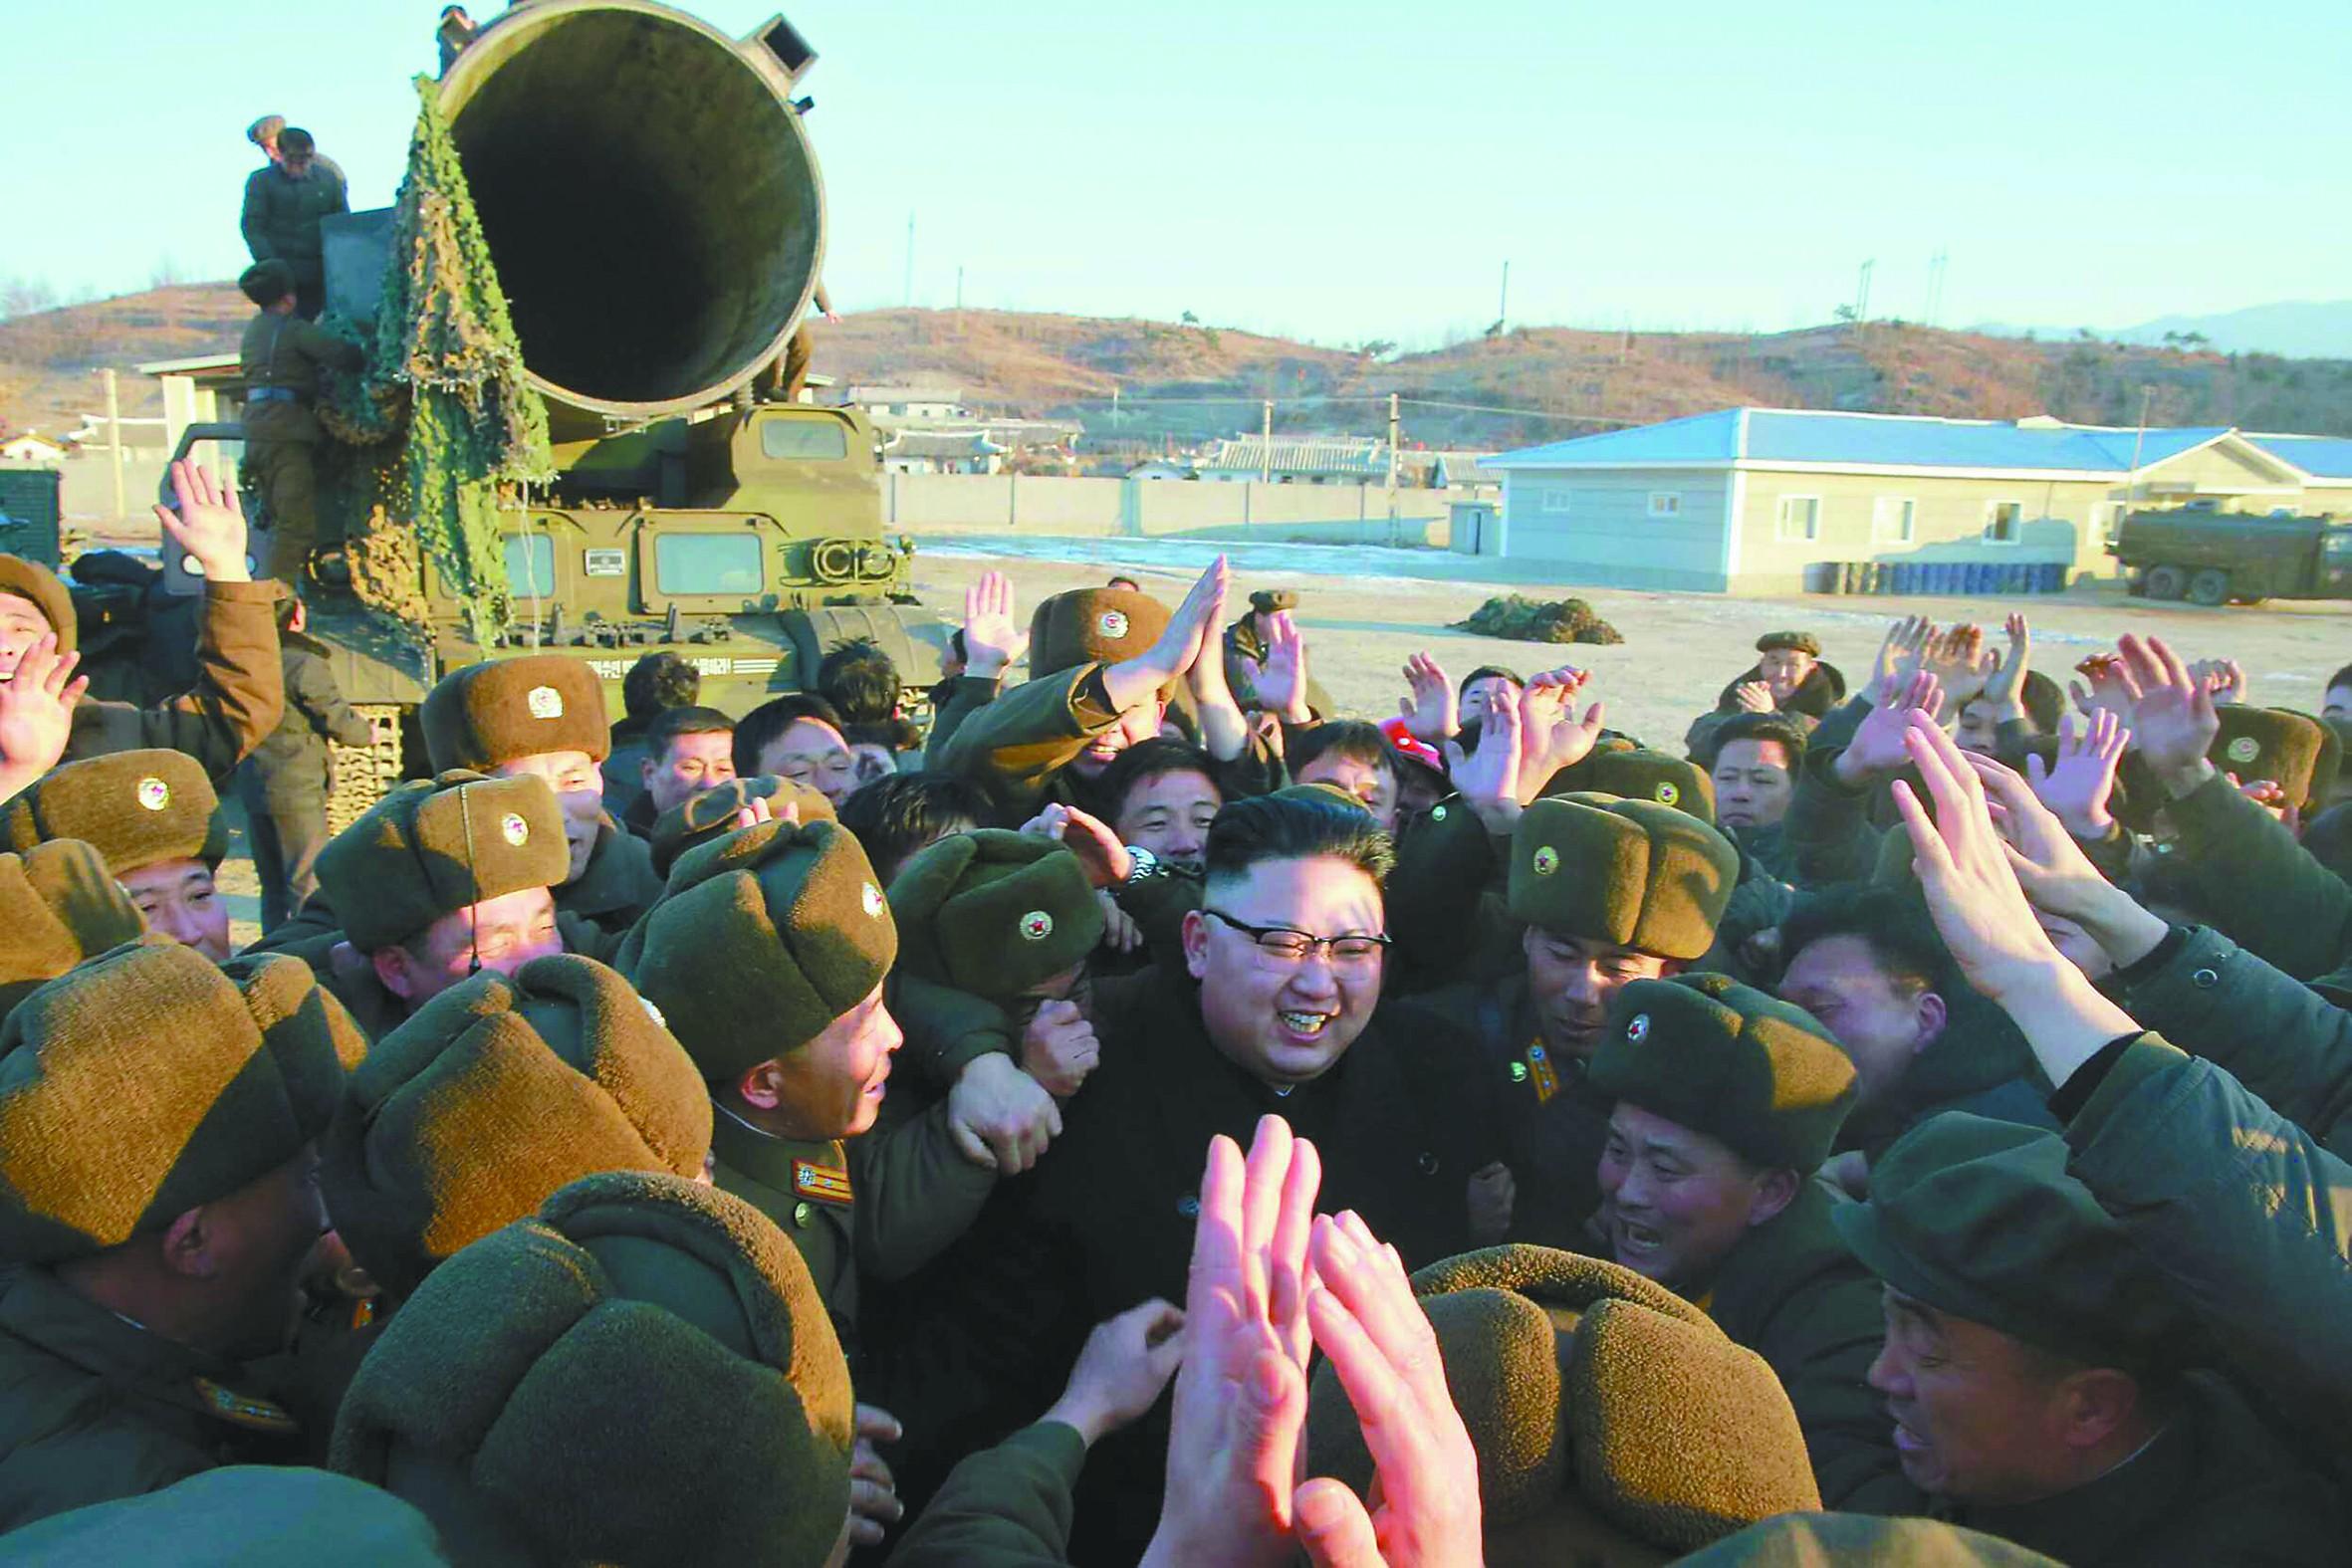 西媒称中国因朝鲜射导弹受益 要中国担更多责任